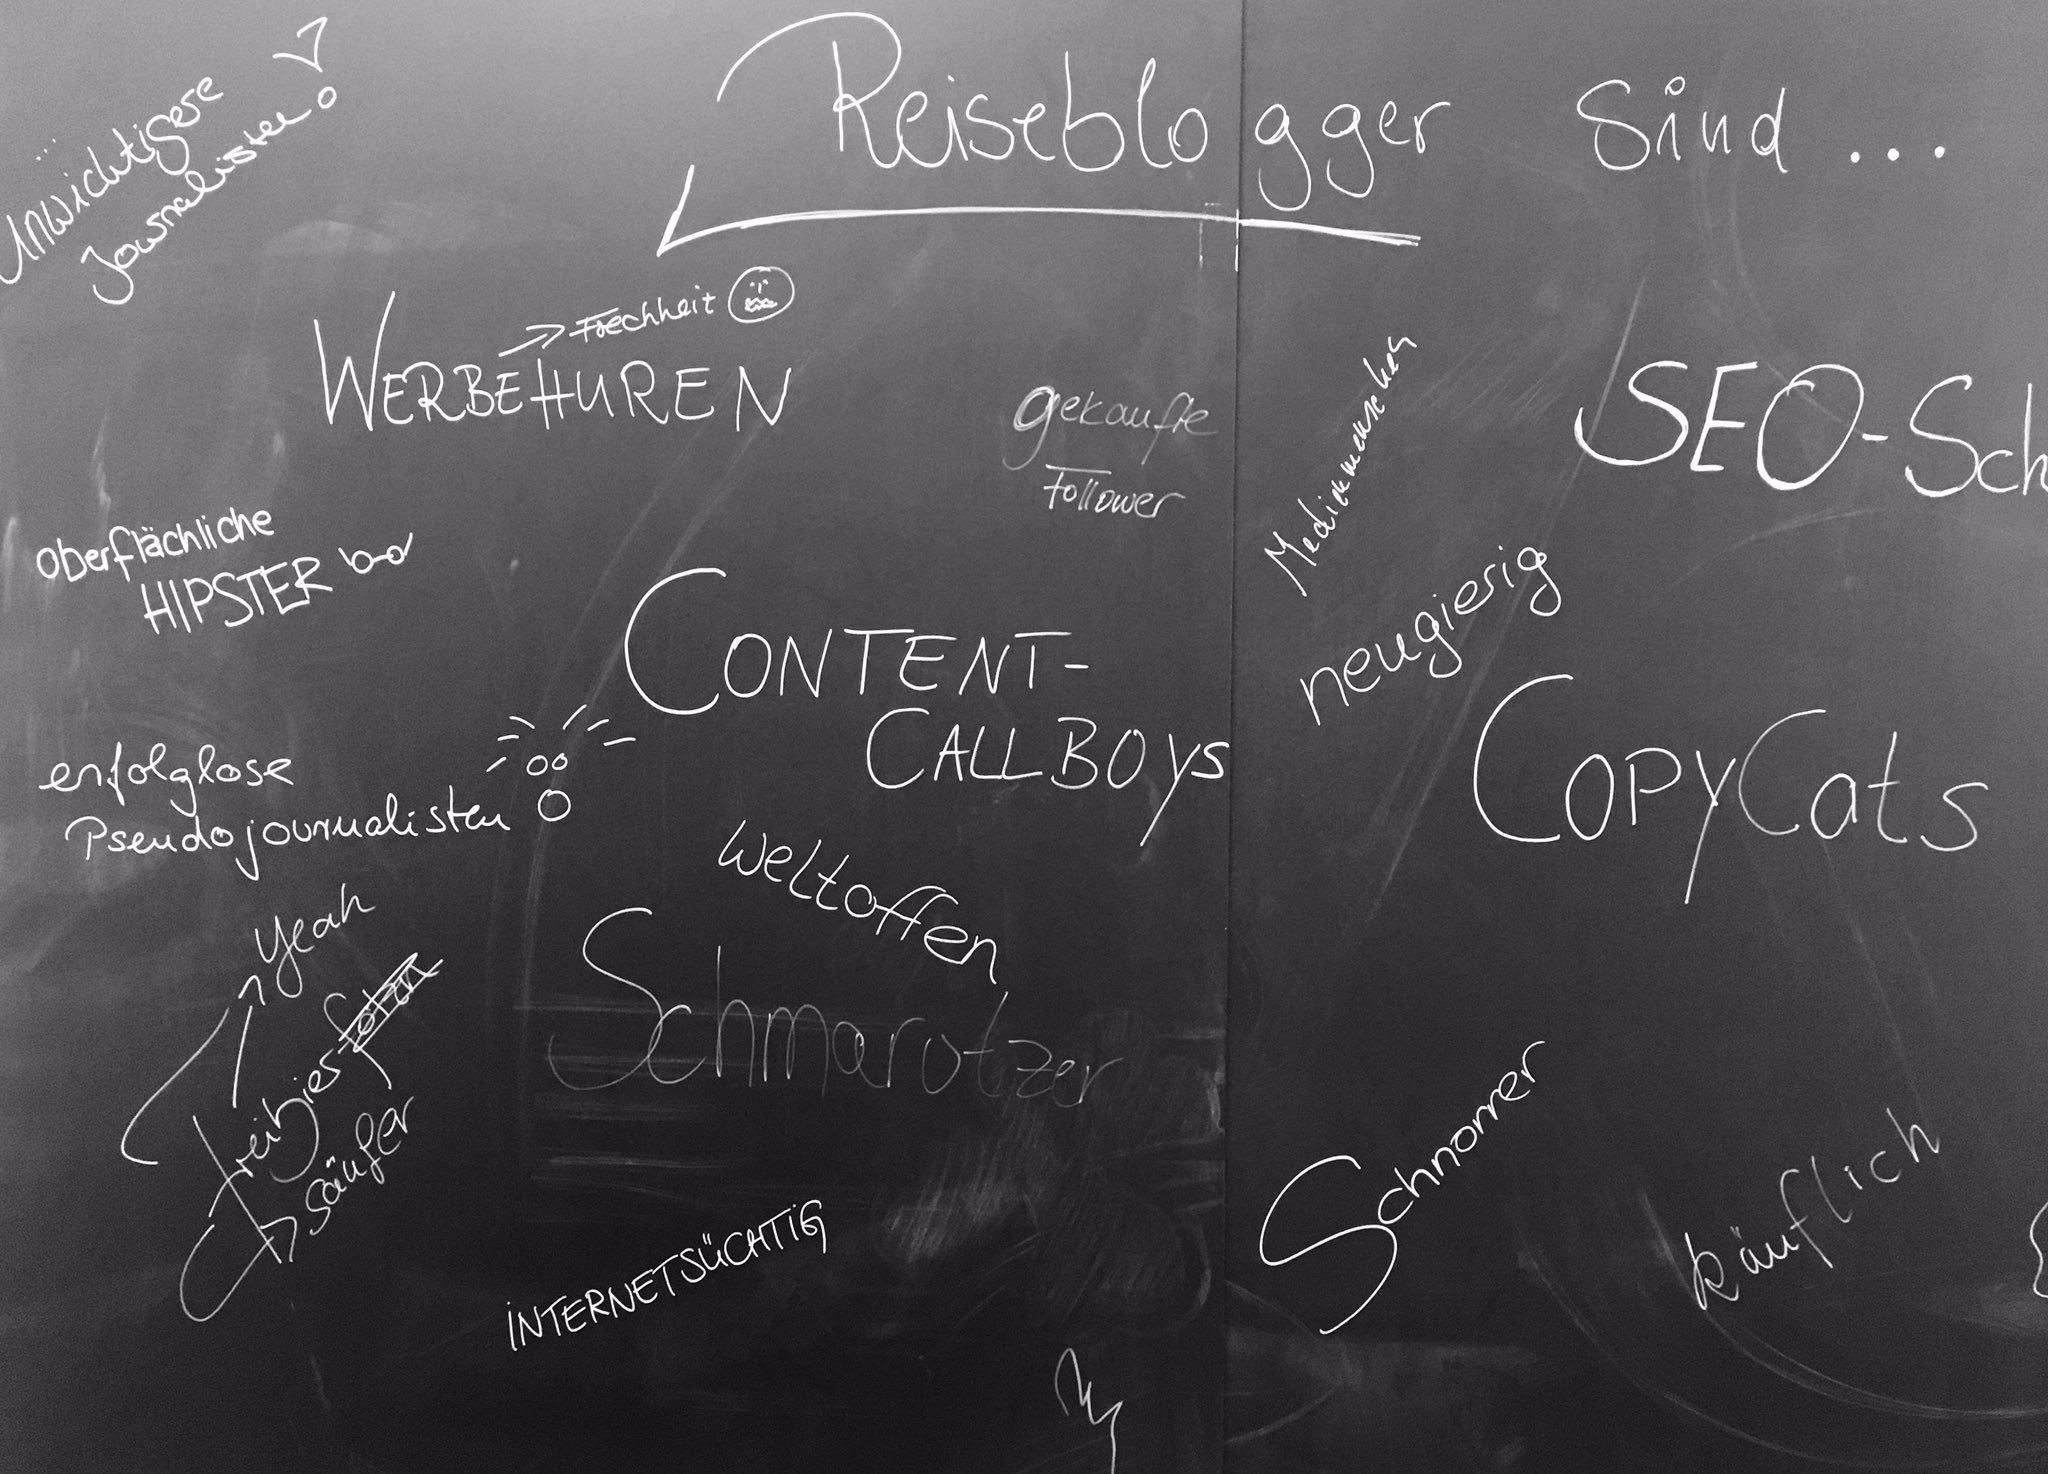 Sind #Reiseblogger nur Werbehuren und Content-Callboys? Stellungnahmen und Interviews vom #RBCamp17 auf https://t.co/BuGYVKywBP https://t.co/Oqegjy8uUv